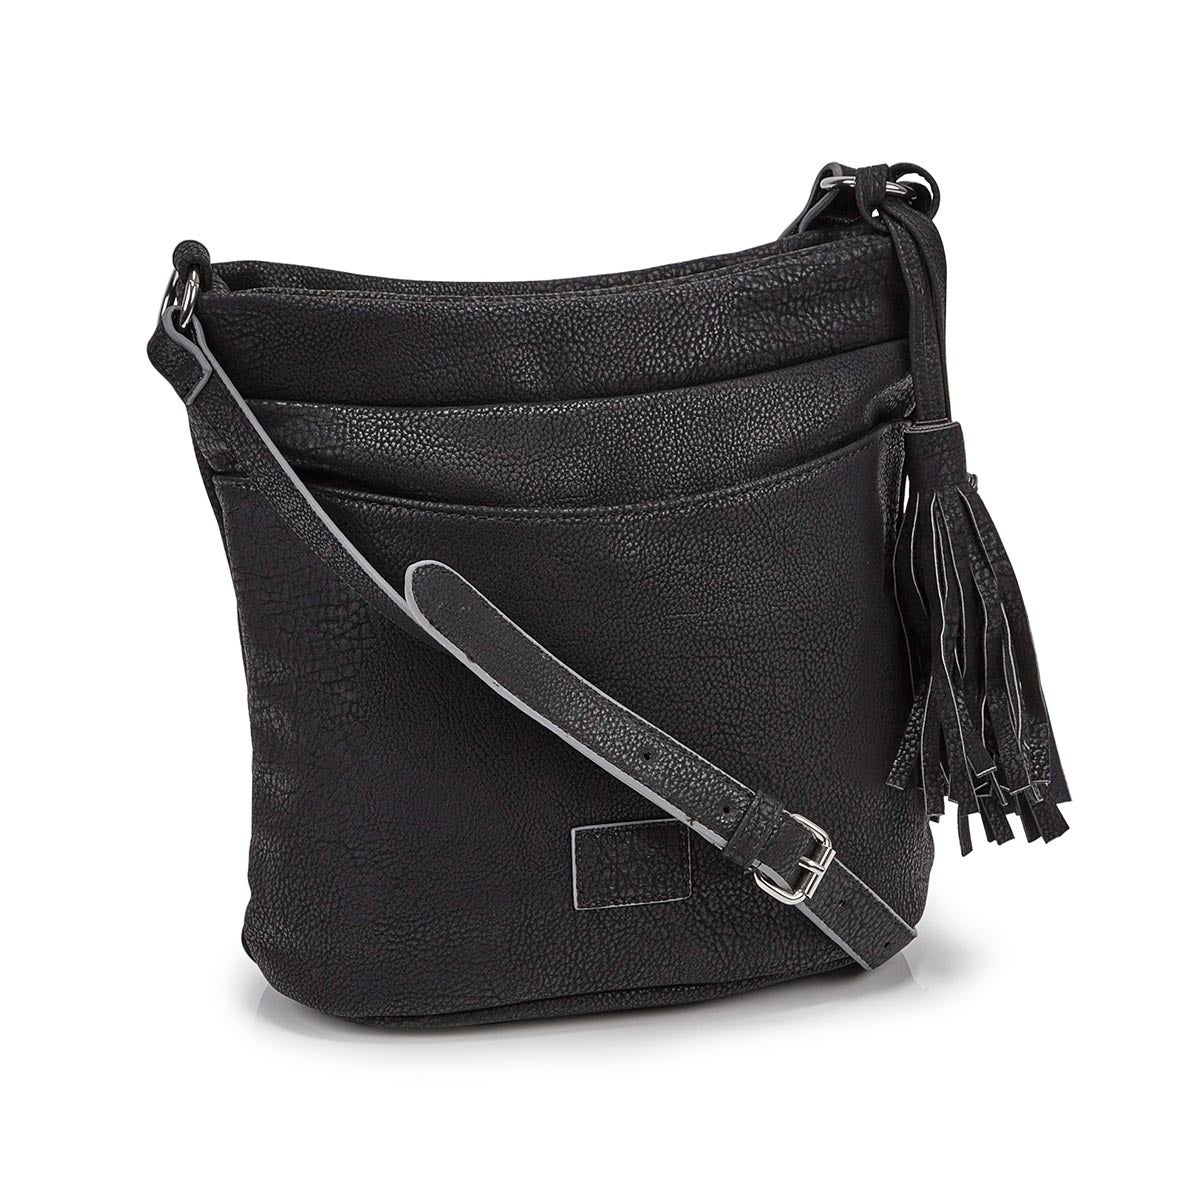 Women's R5224 black tassel hobo bag